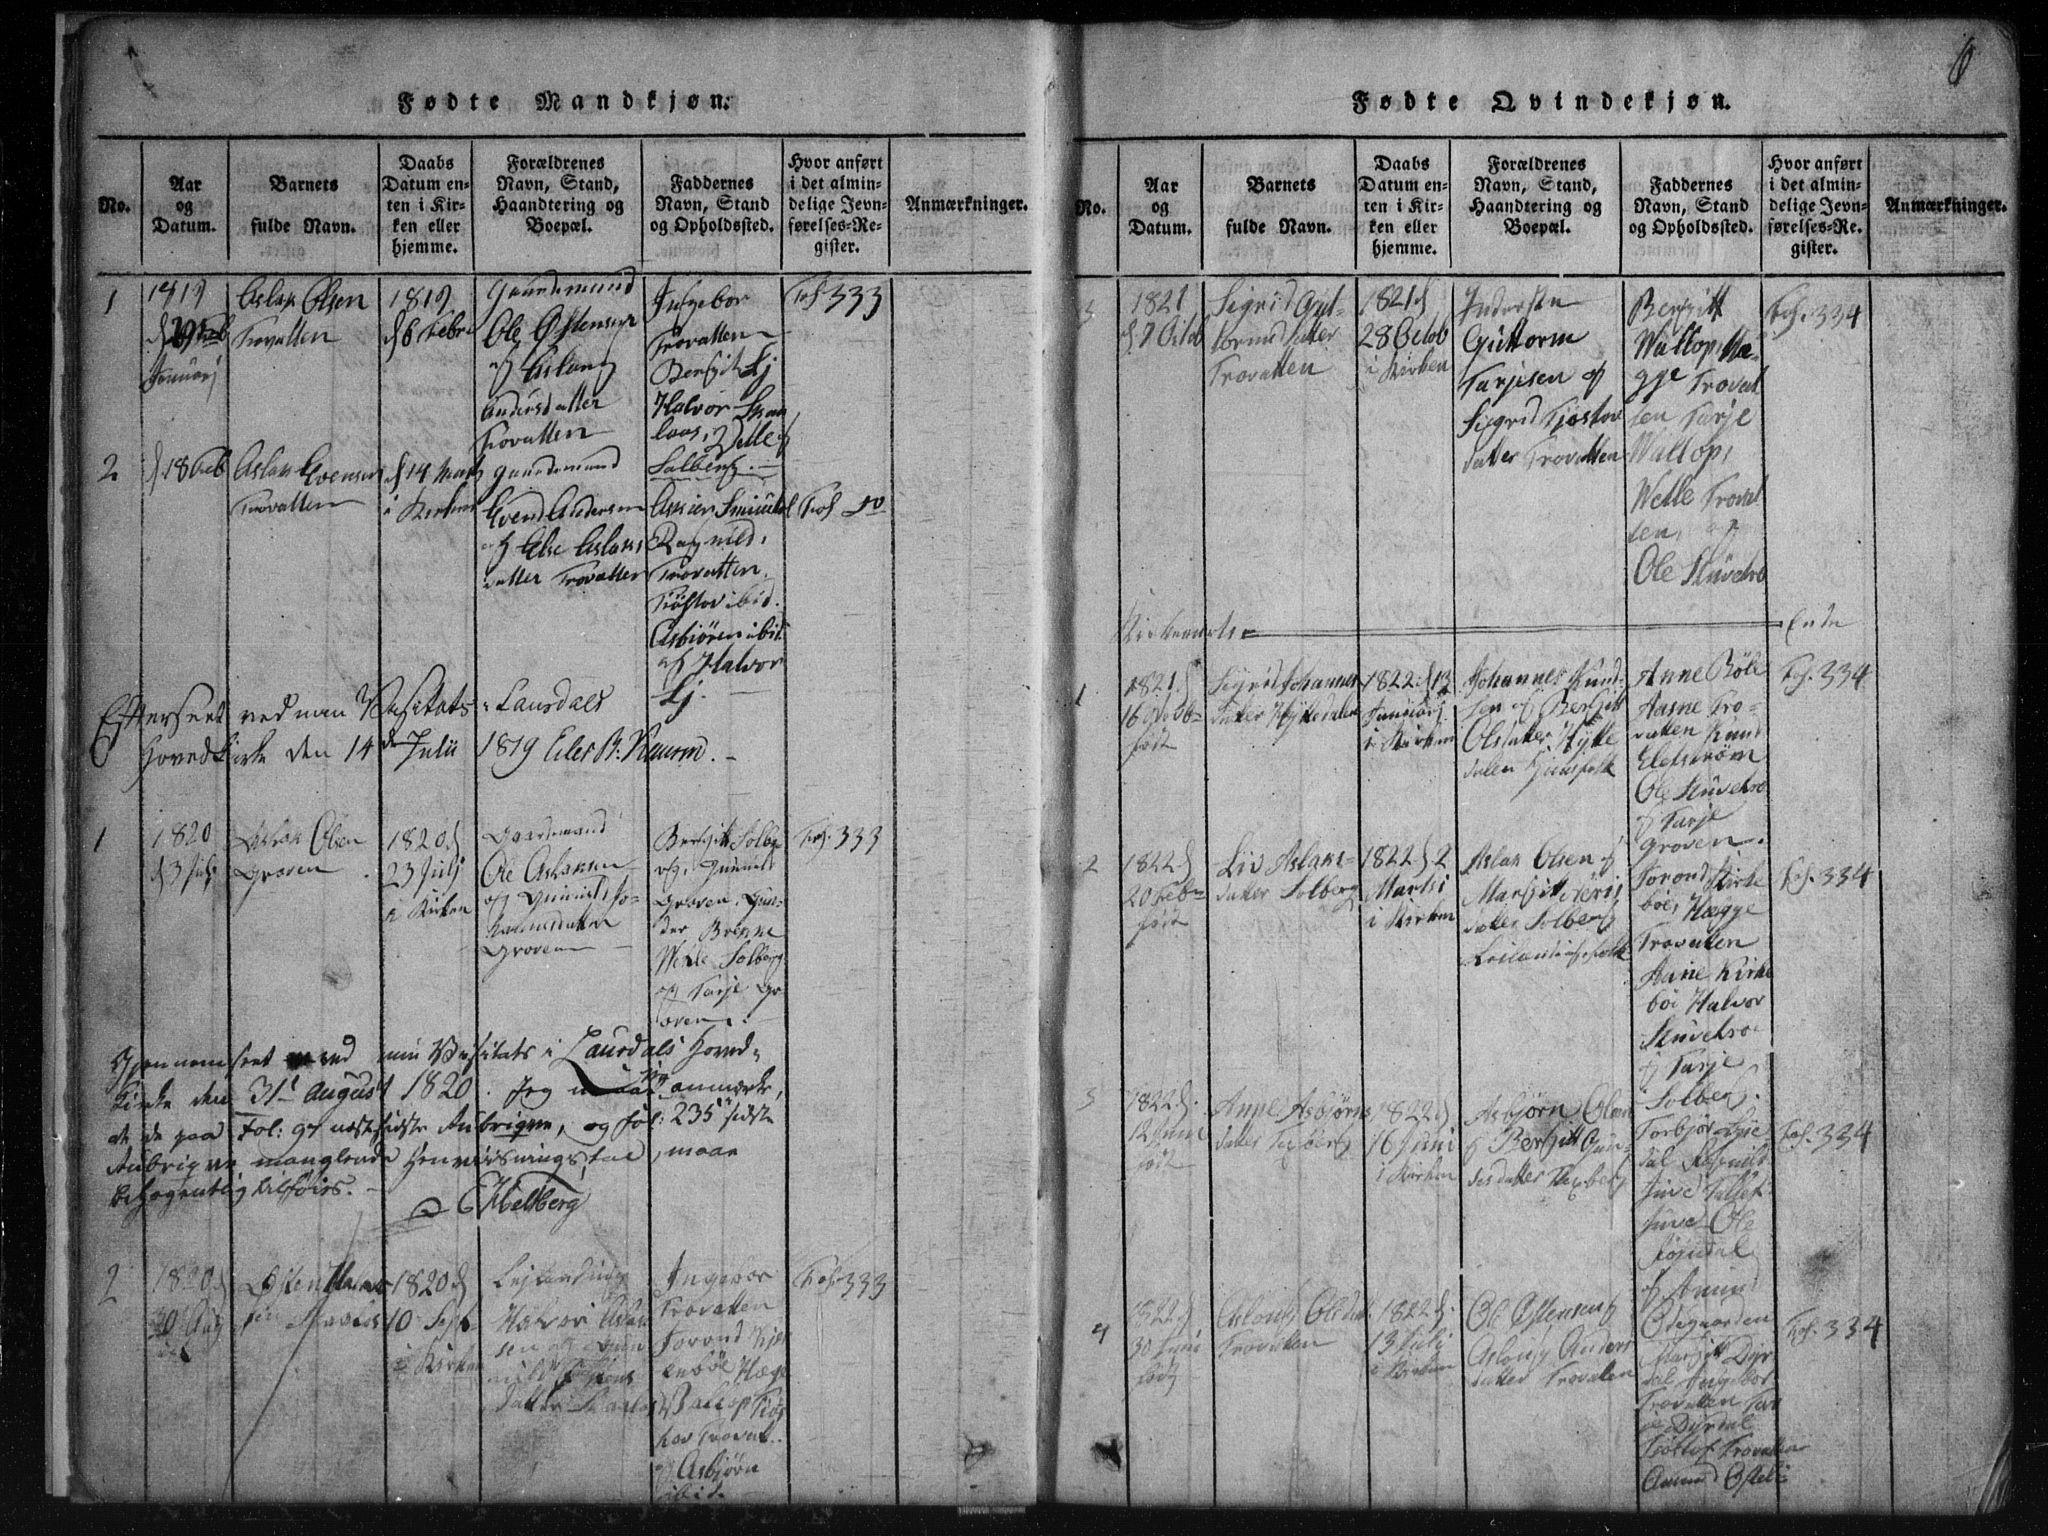 SAKO, Rauland kirkebøker, G/Gb/L0001: Klokkerbok nr. II 1, 1815-1886, s. 6